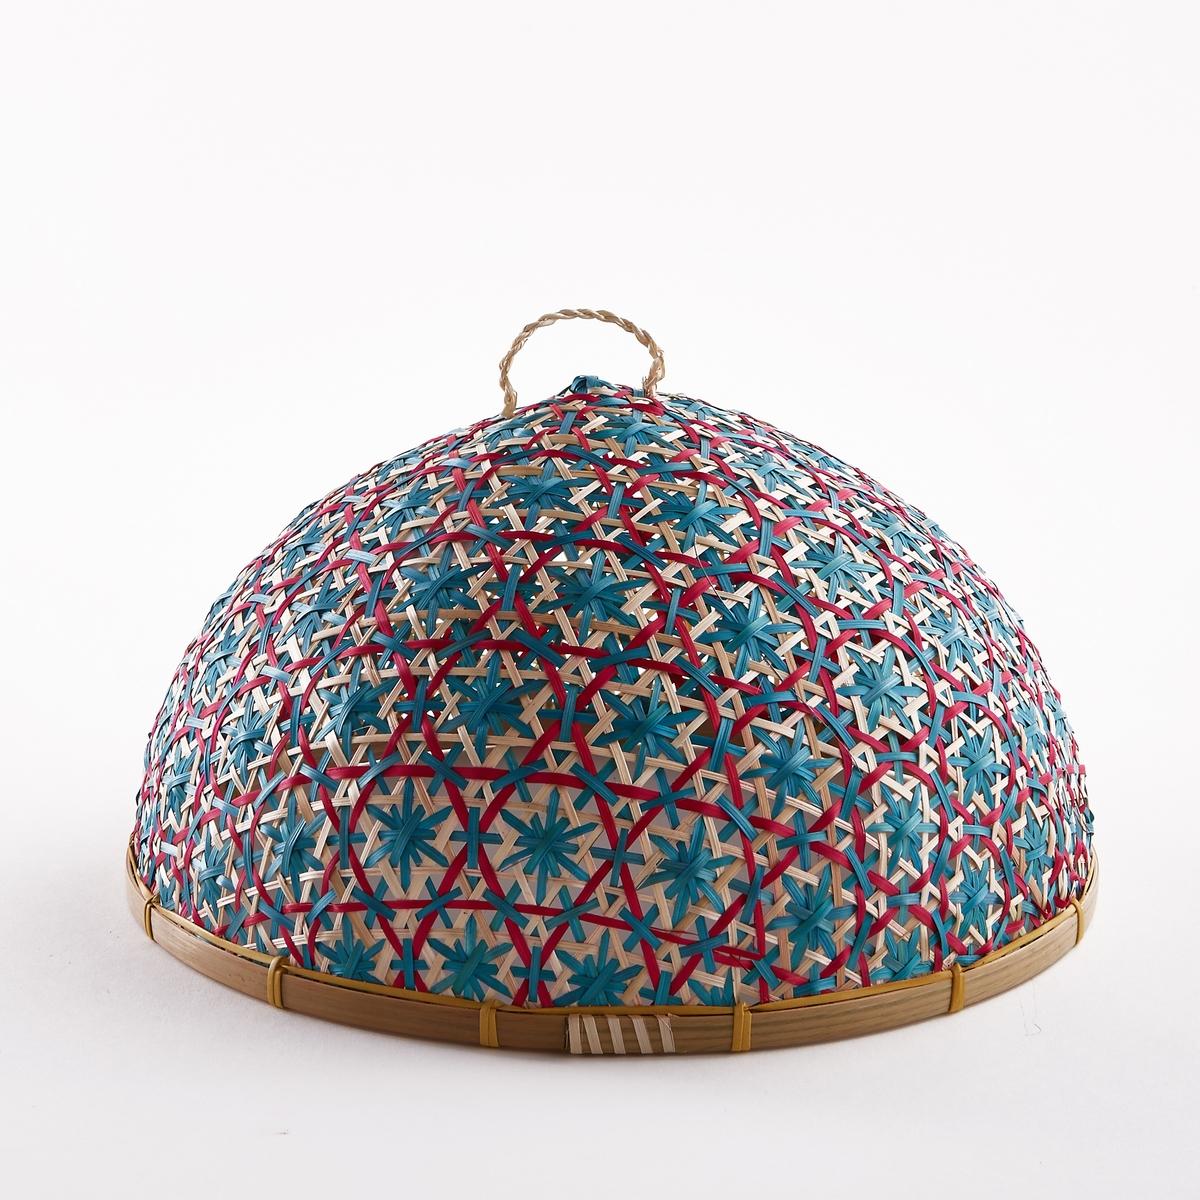 Колпак сырный IacoboСырный колпак Iacobo. Практичный и красивый как снаружи, так и внутри сырный колпак защитит Ваш сыр и другие продукты от насекомых. Красивое плетение ручной работы из натурального бамбука. Размеры  : ?31 x В19 см.<br><br>Цвет: бежевый/разноцветный